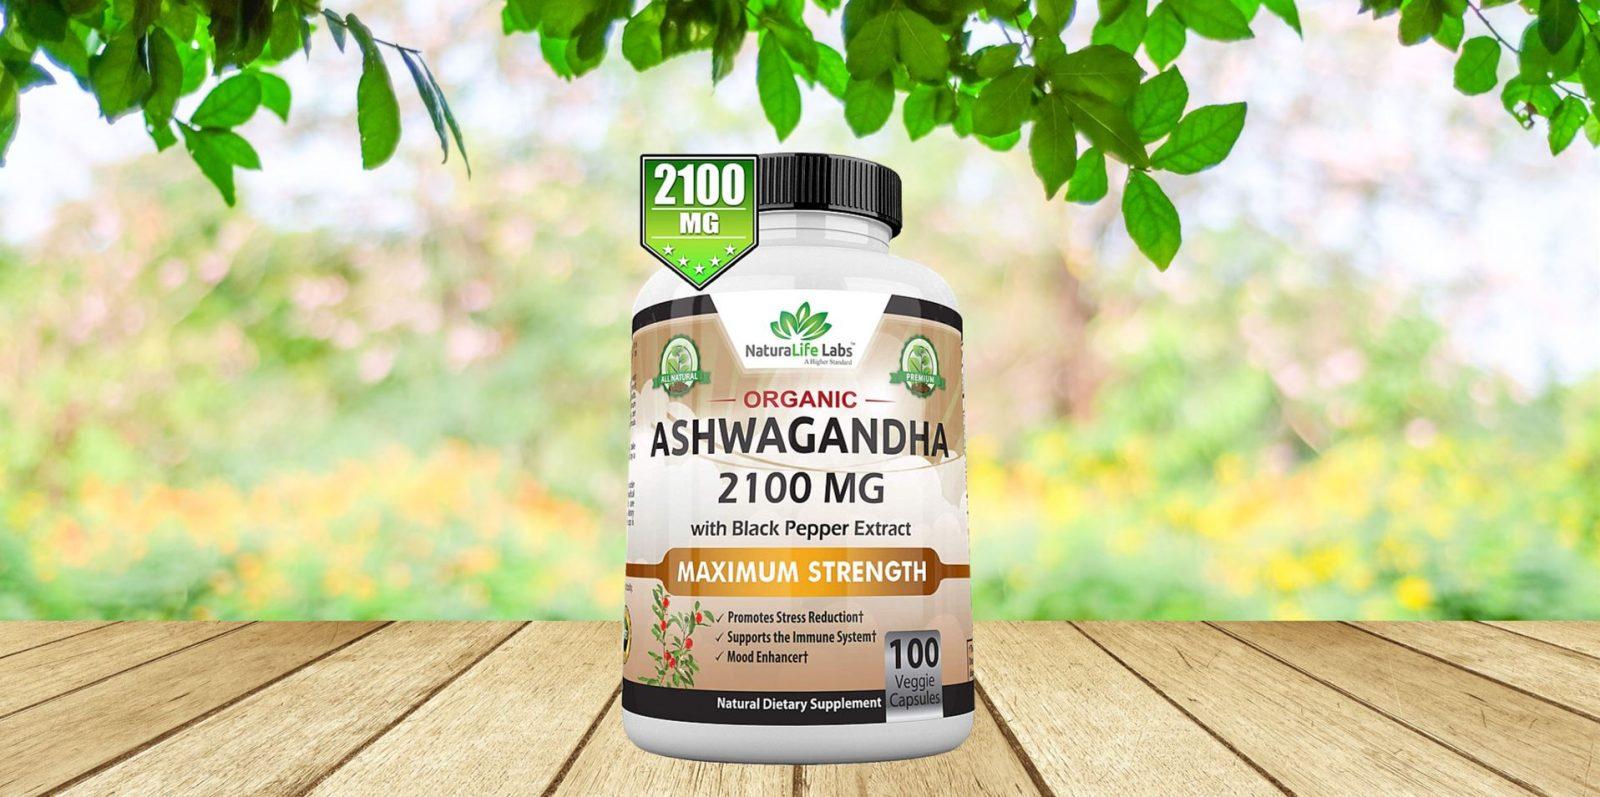 NaturaLife Labs Organic Ashwagandha